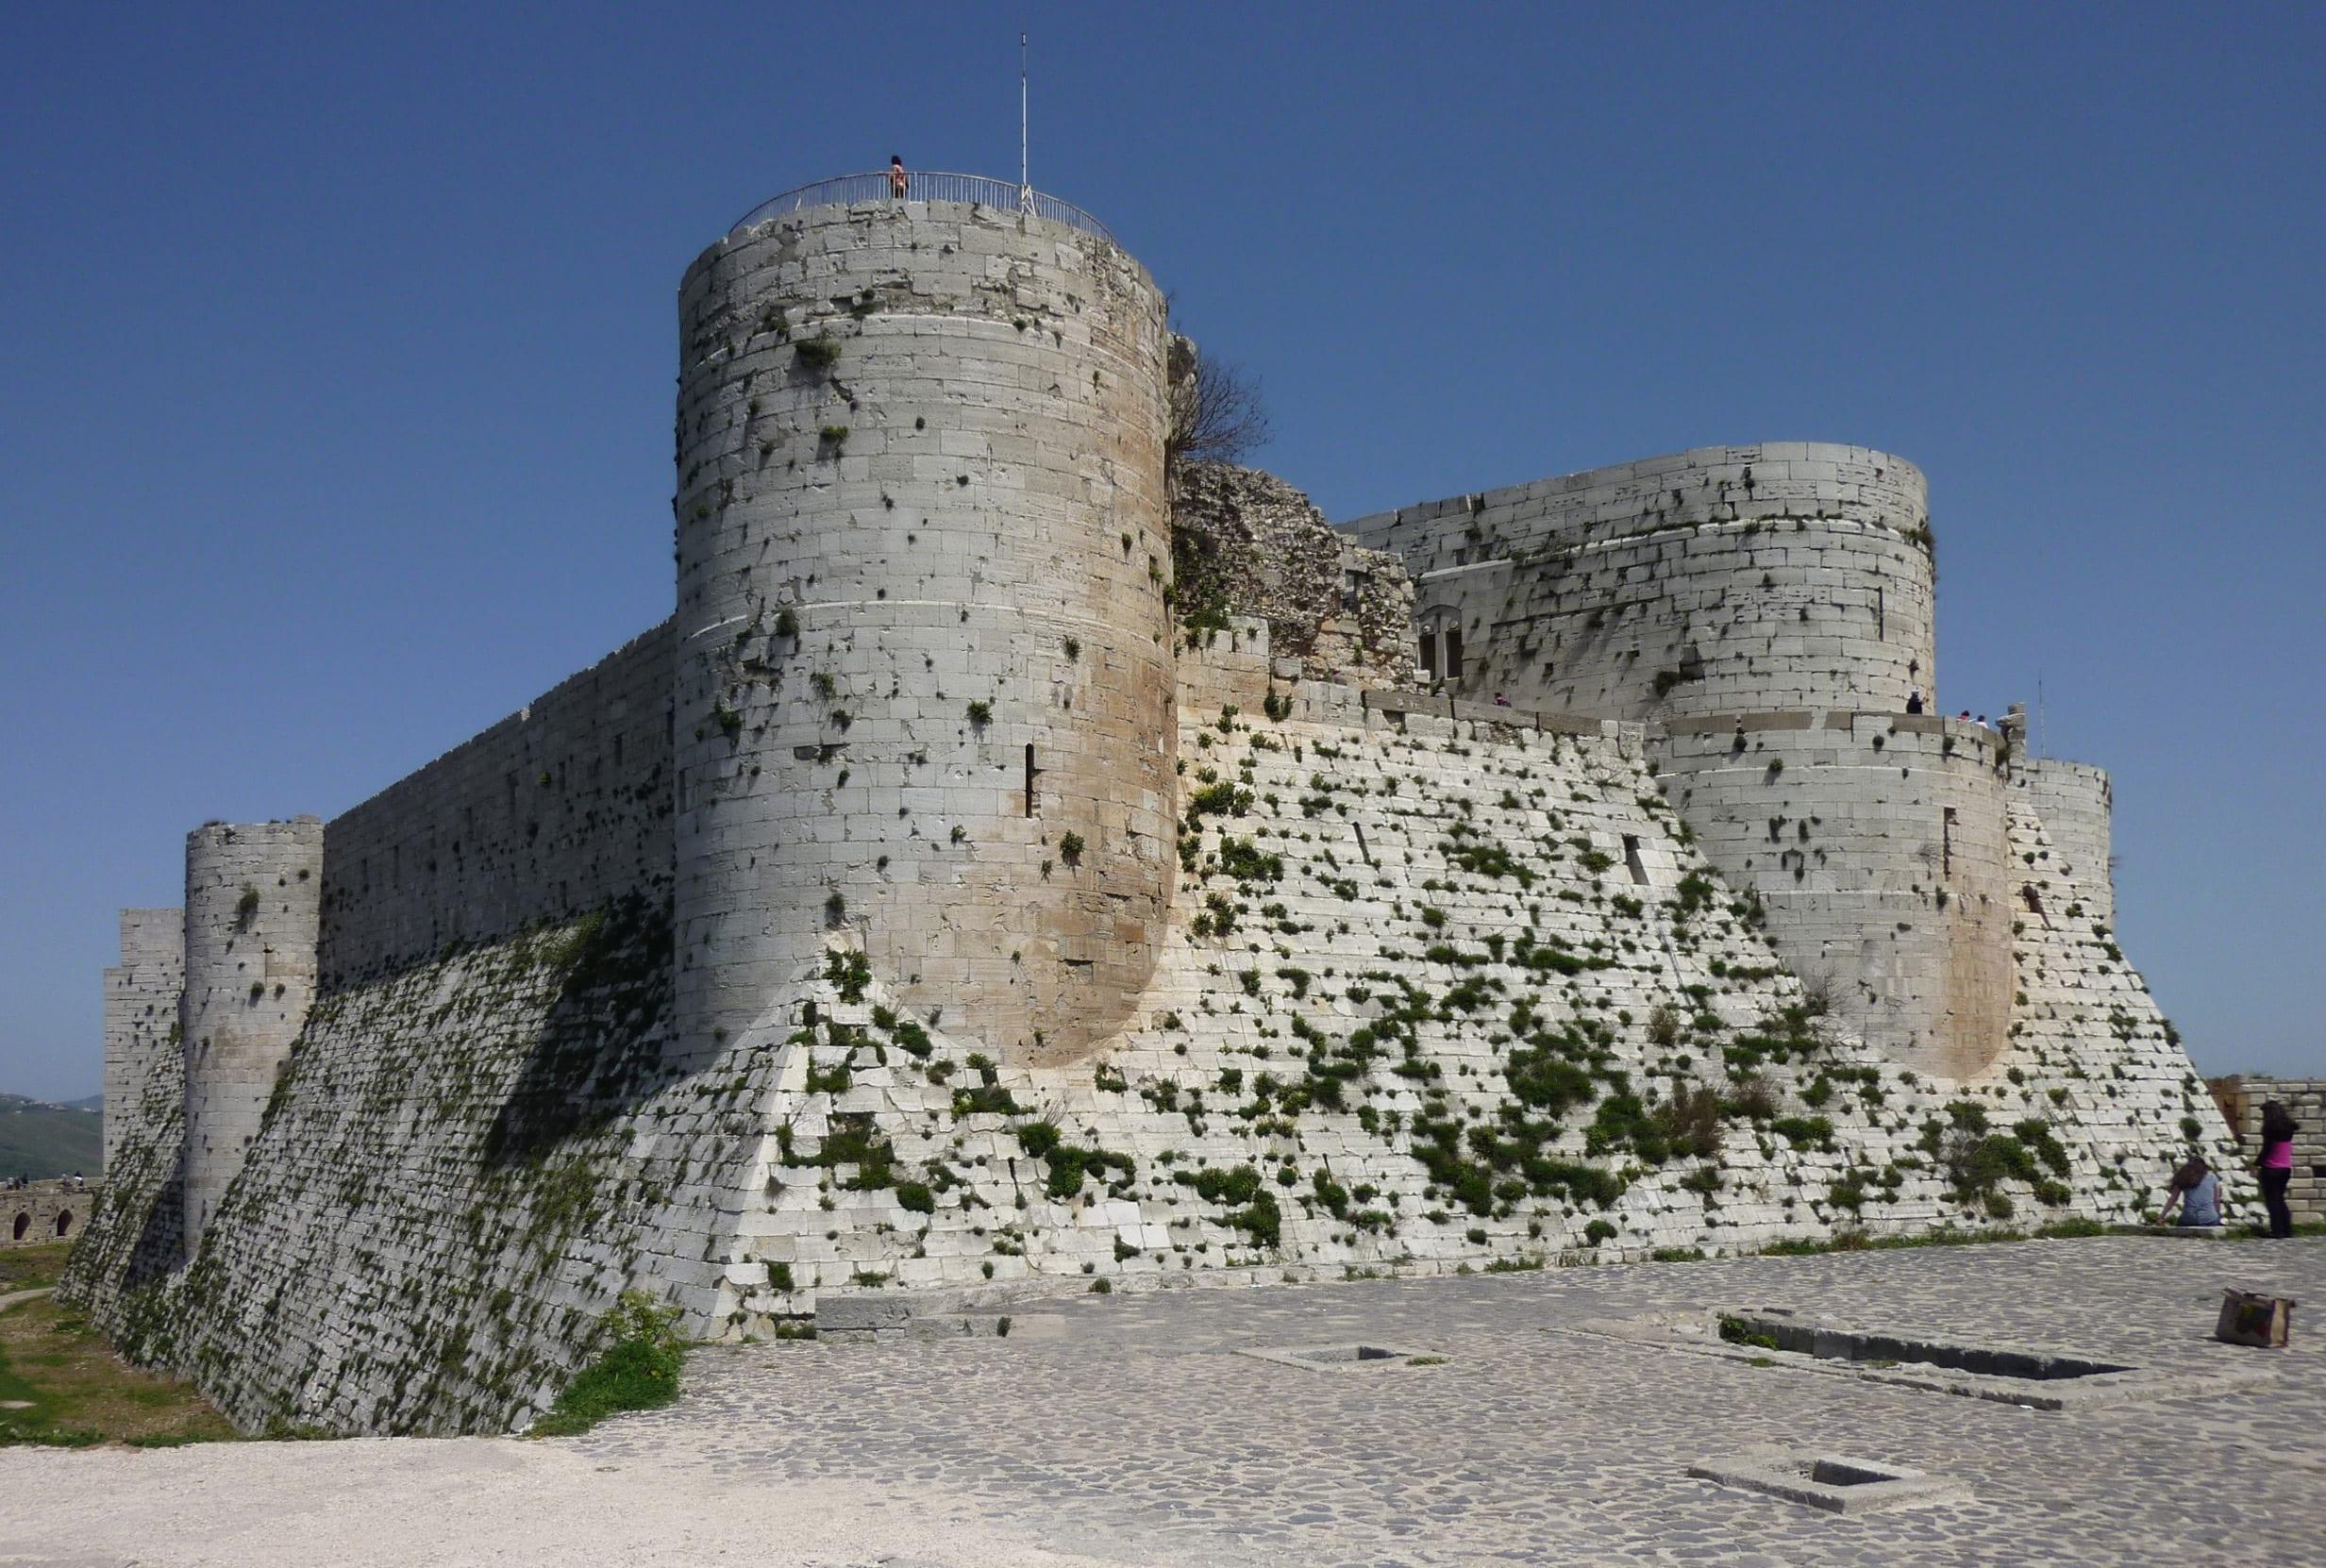 البدء بترميم قلعة الحصن بتمويل من الحكومة السورية